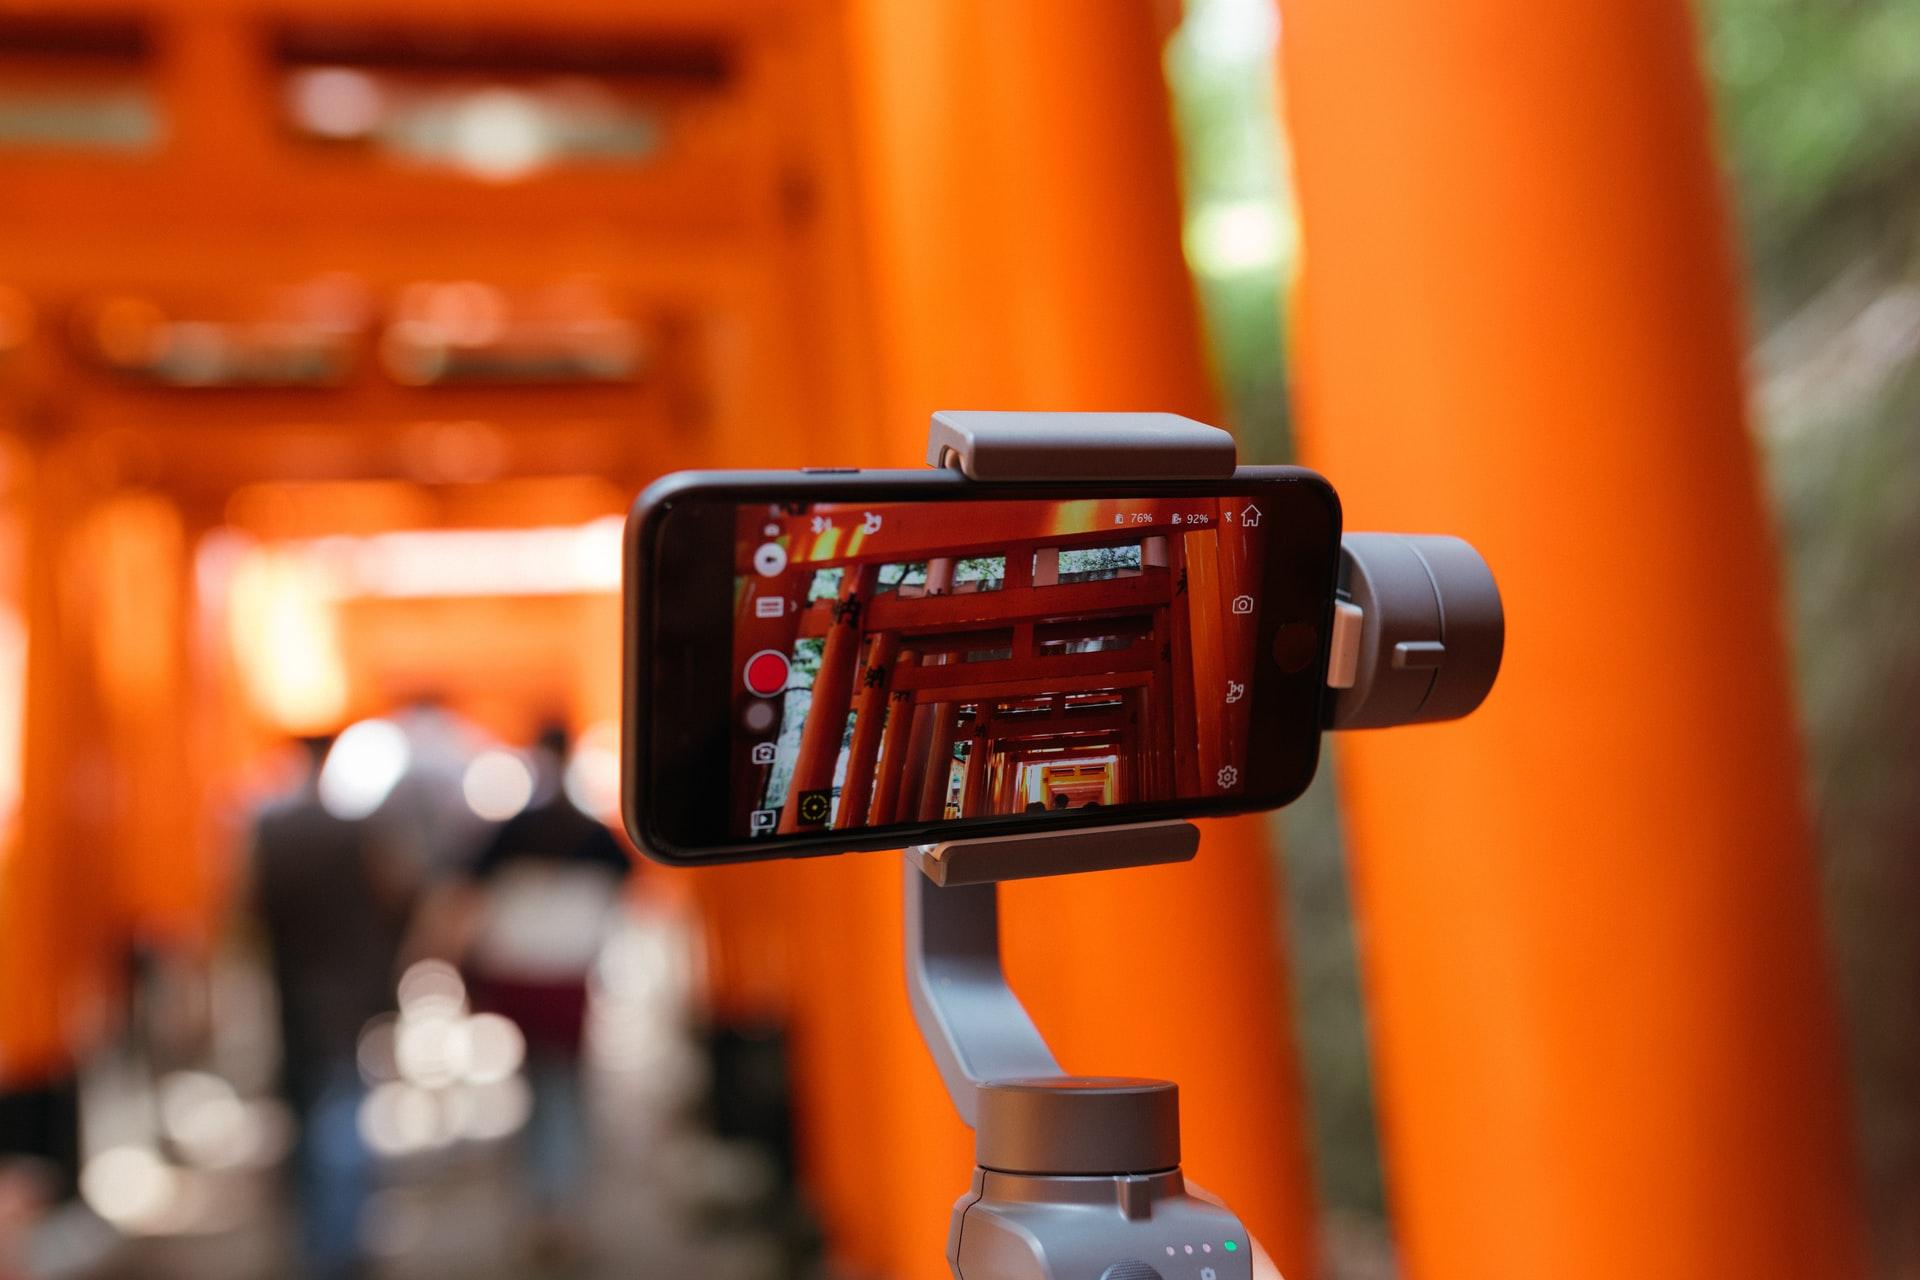 Online-Video-Monitor 2021: Videos werden häufiger live gestreamt